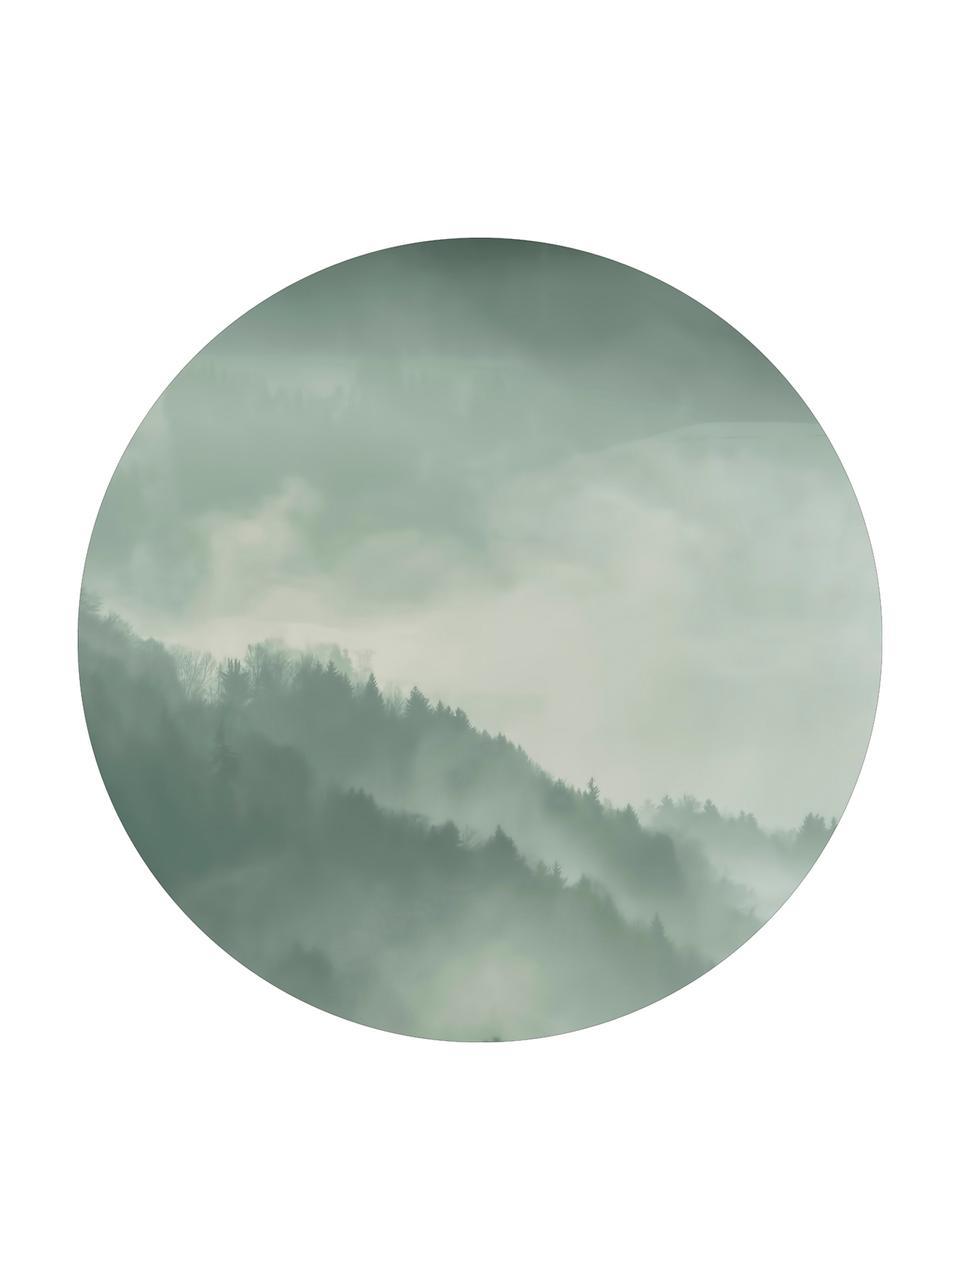 Wandbild Holy Land, rund, Mitteldichte Holzfaserplatte (MDF), bedruckt, Grau, Weiß, Ø 70 cm